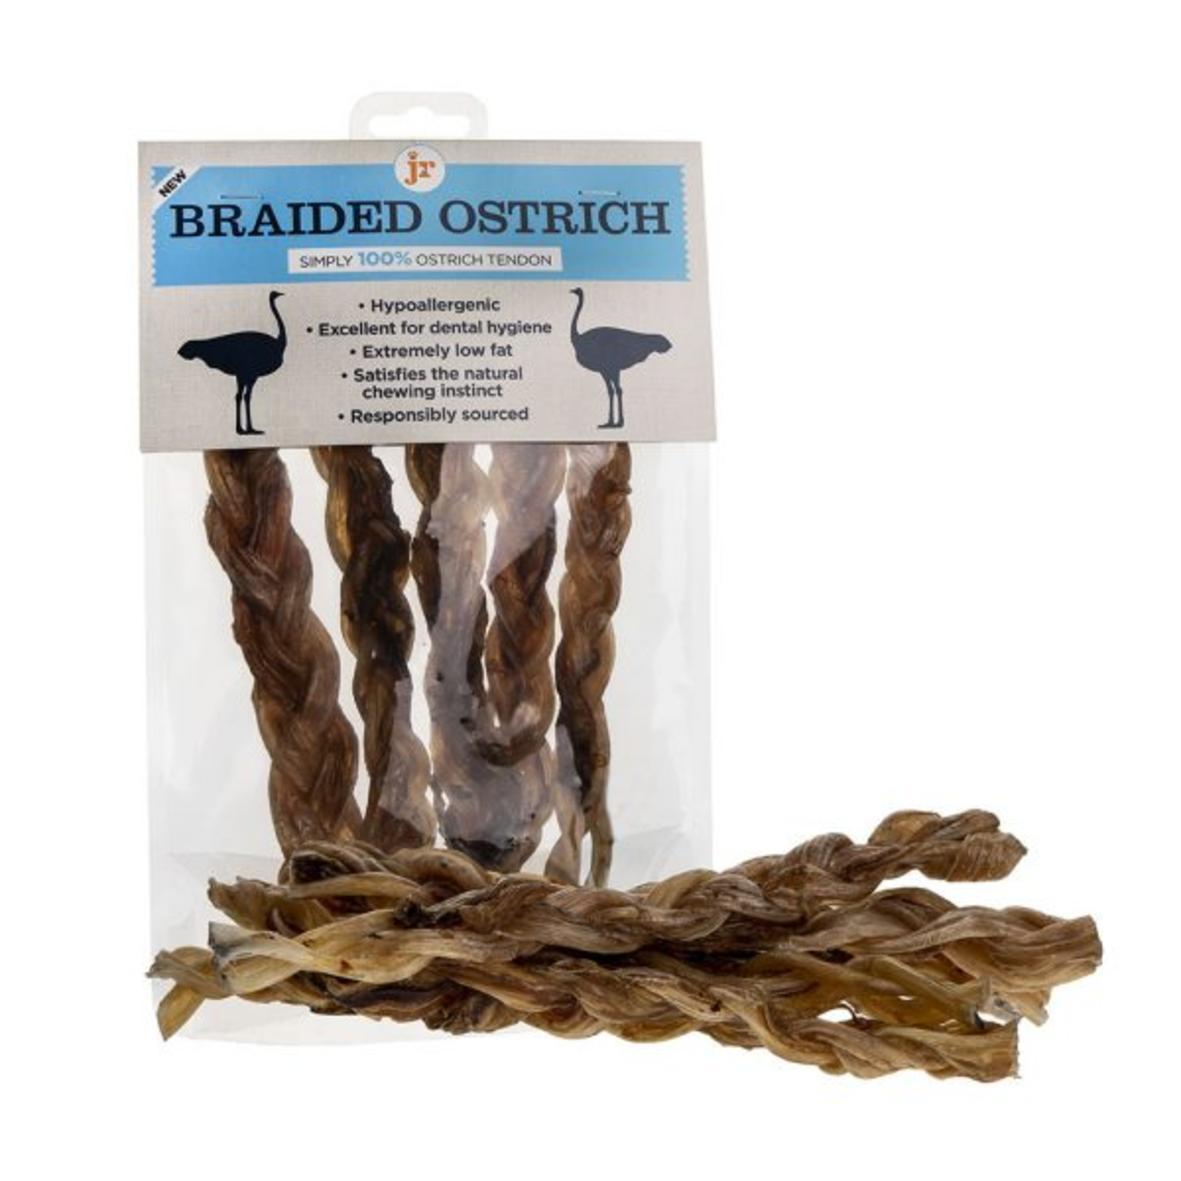 JR Braided Ostrich Tendon Twists 5pcs